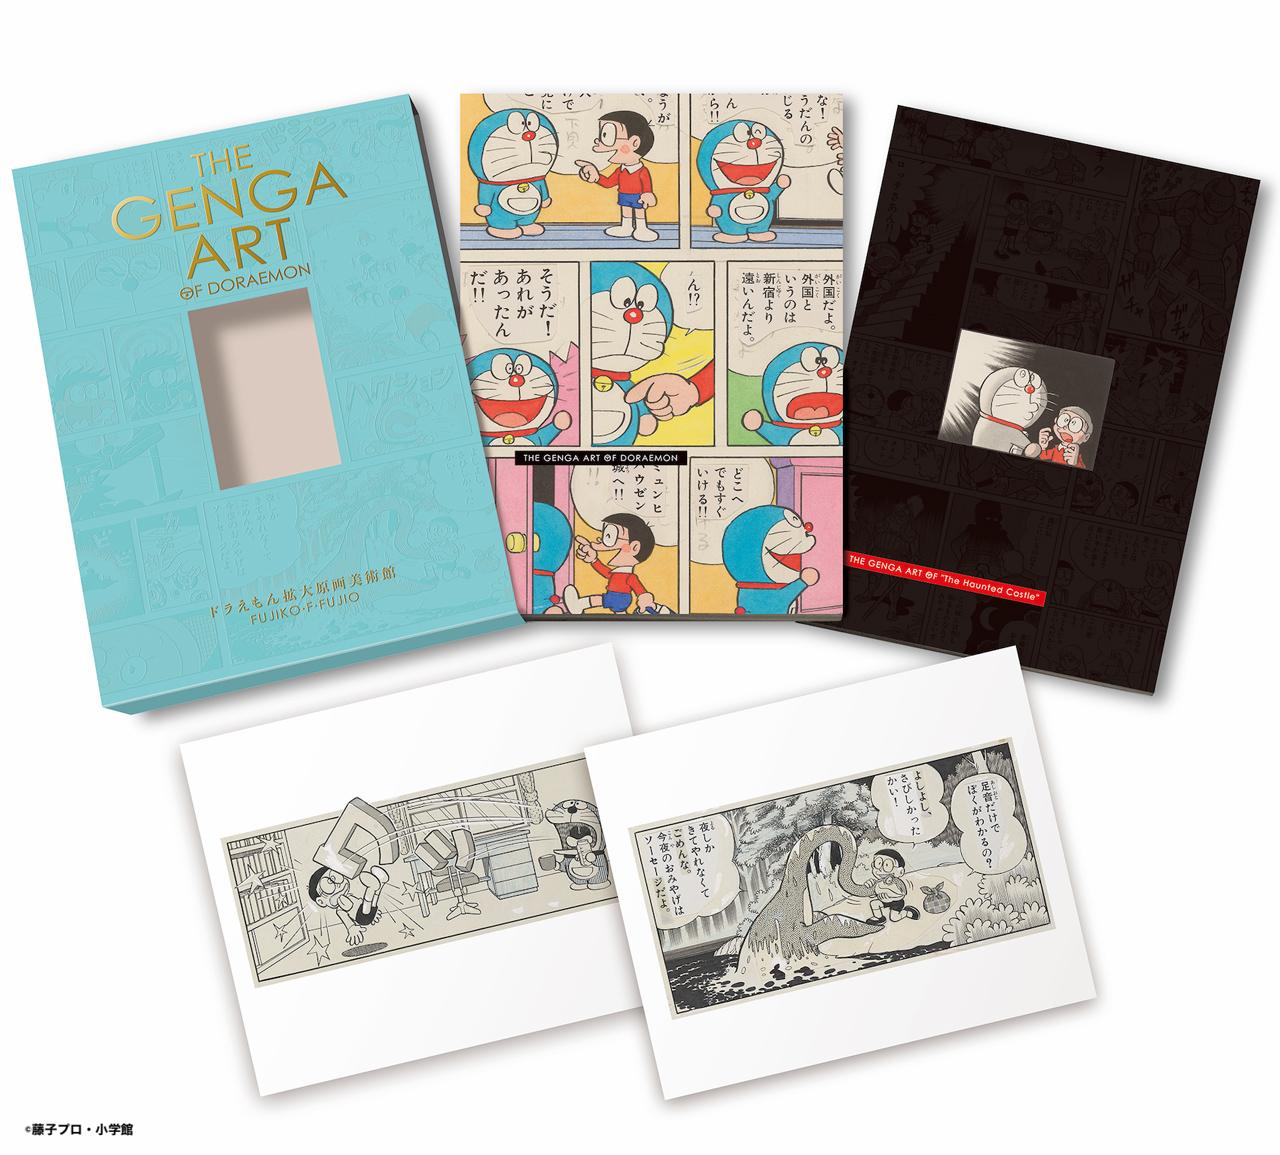 หนังสือภาพเล่มแรกของโดราเอมอนในงาน Doraemon One Frame Exhibition